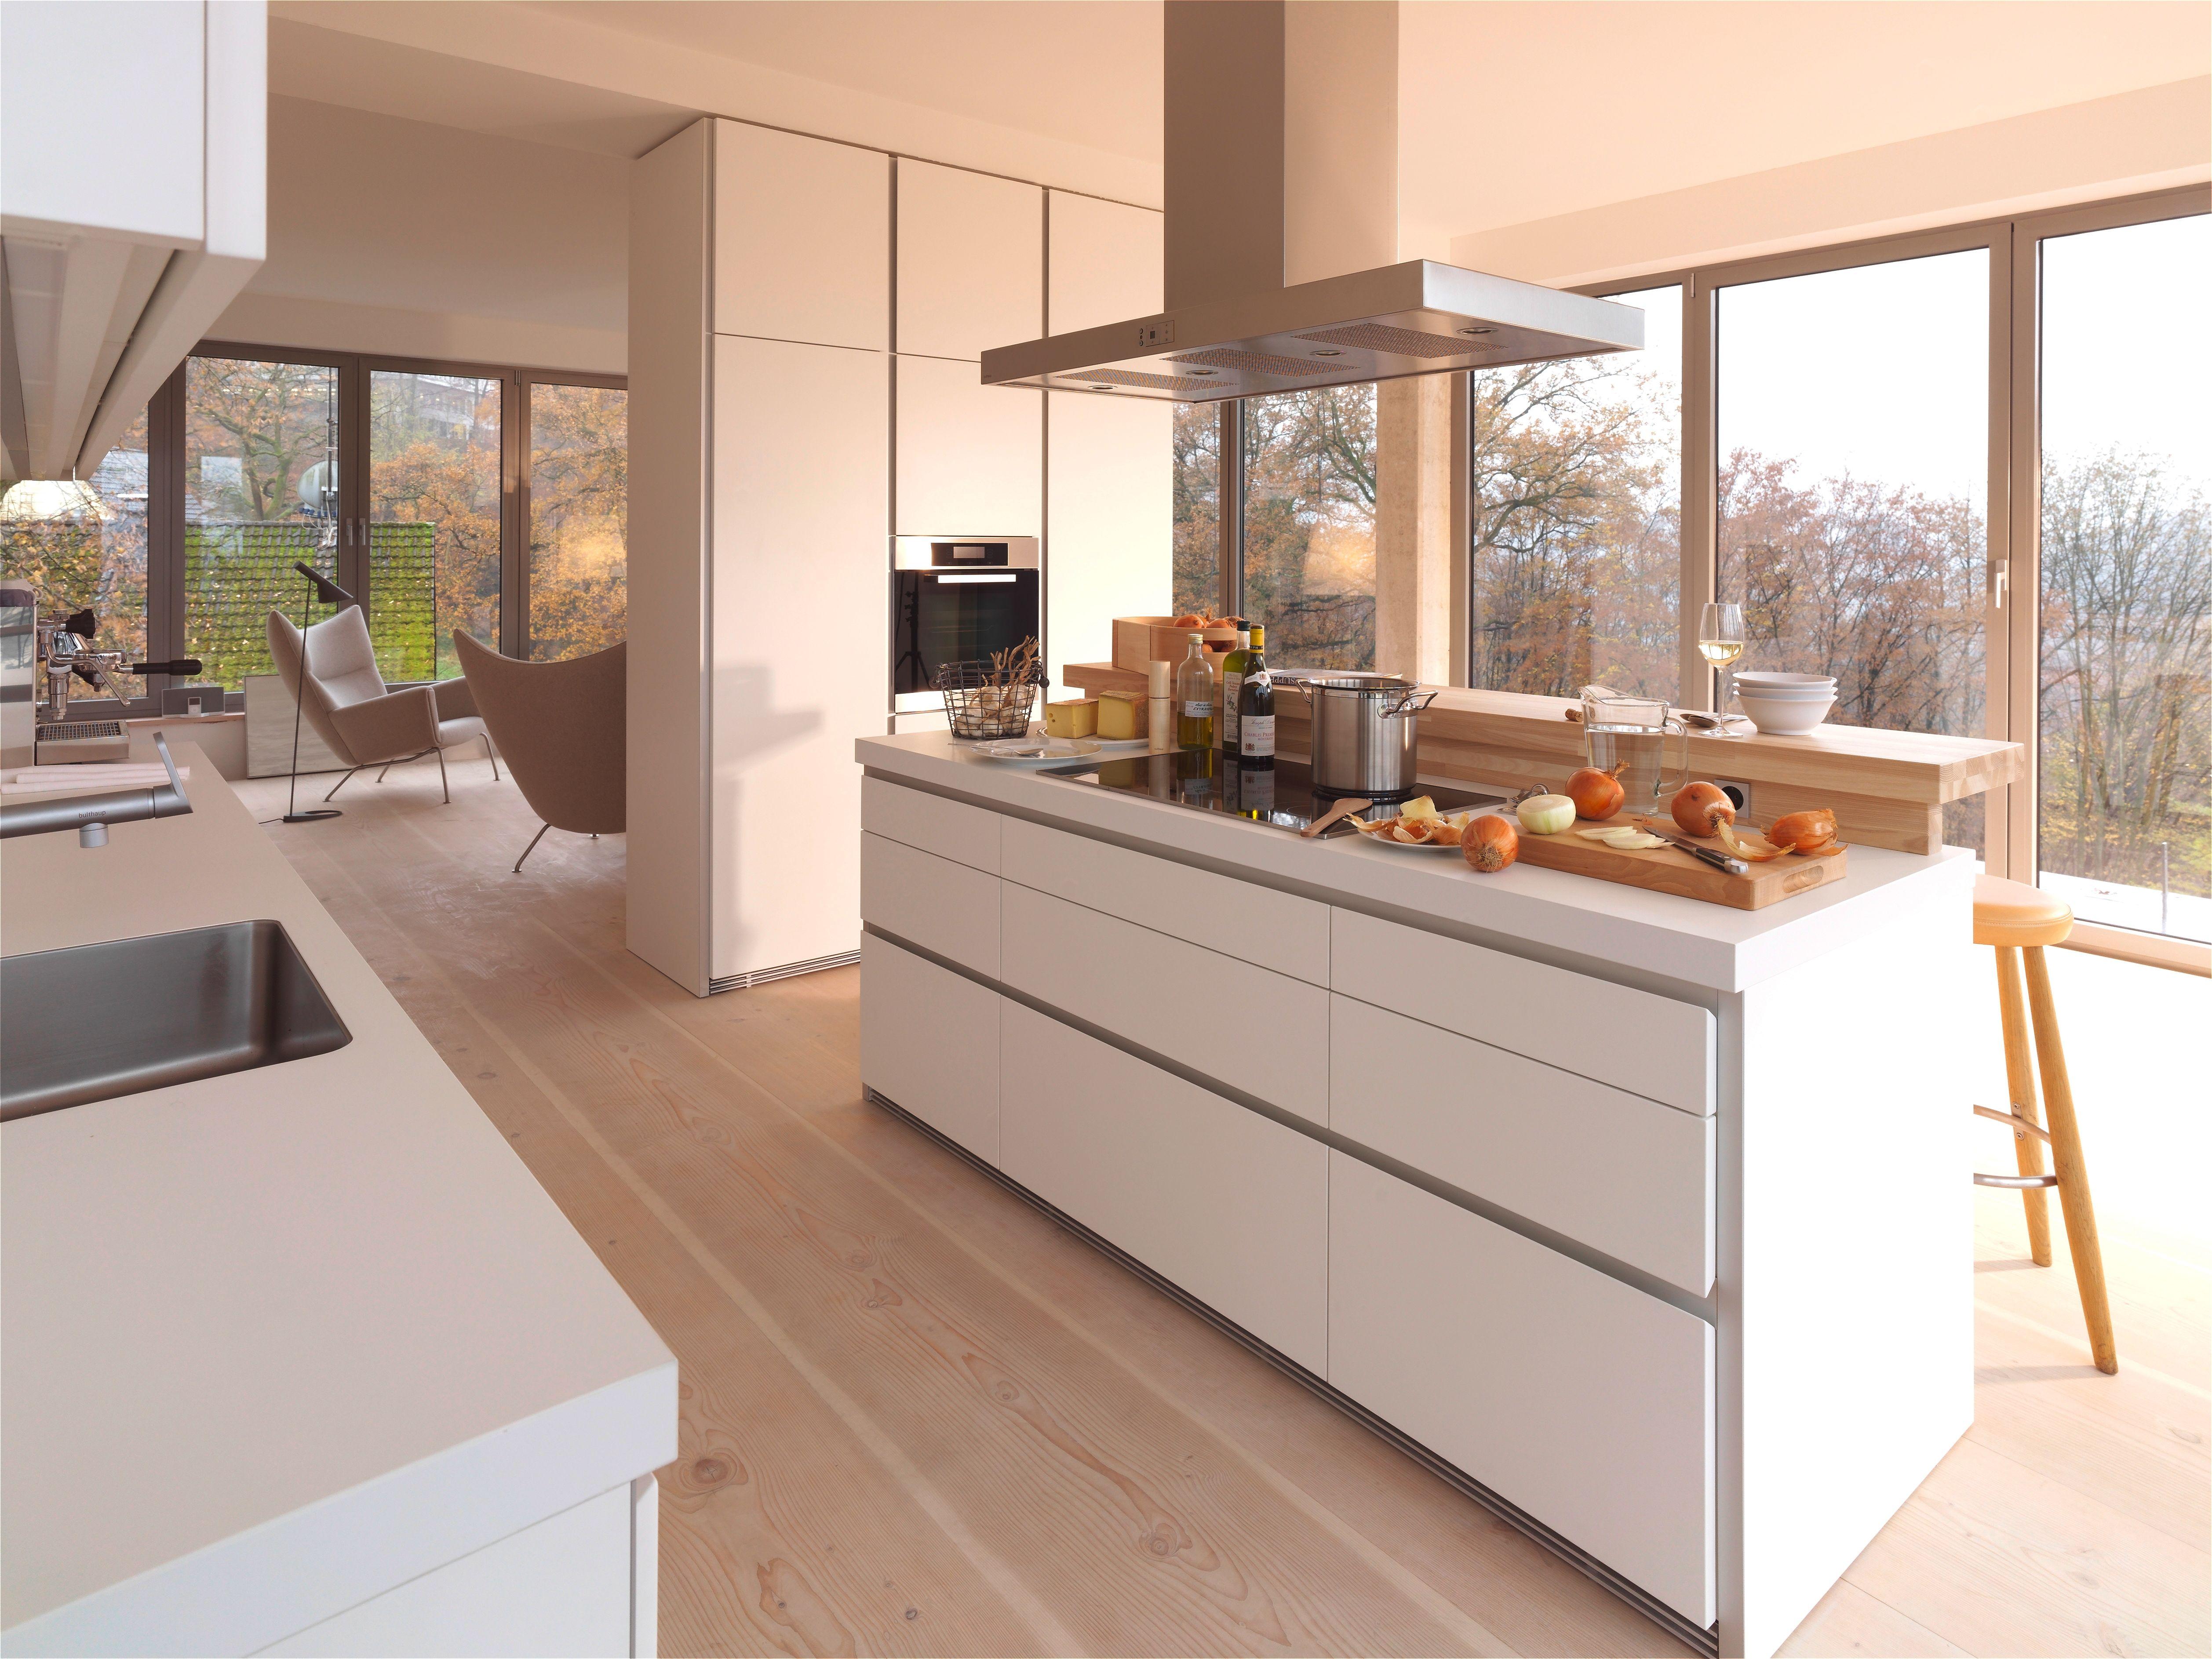 Bulthaup Press Net Bulthaup B1 Minimalist Kitchen Interiors Interior Design Kitchen Contemporary Kitchen Design